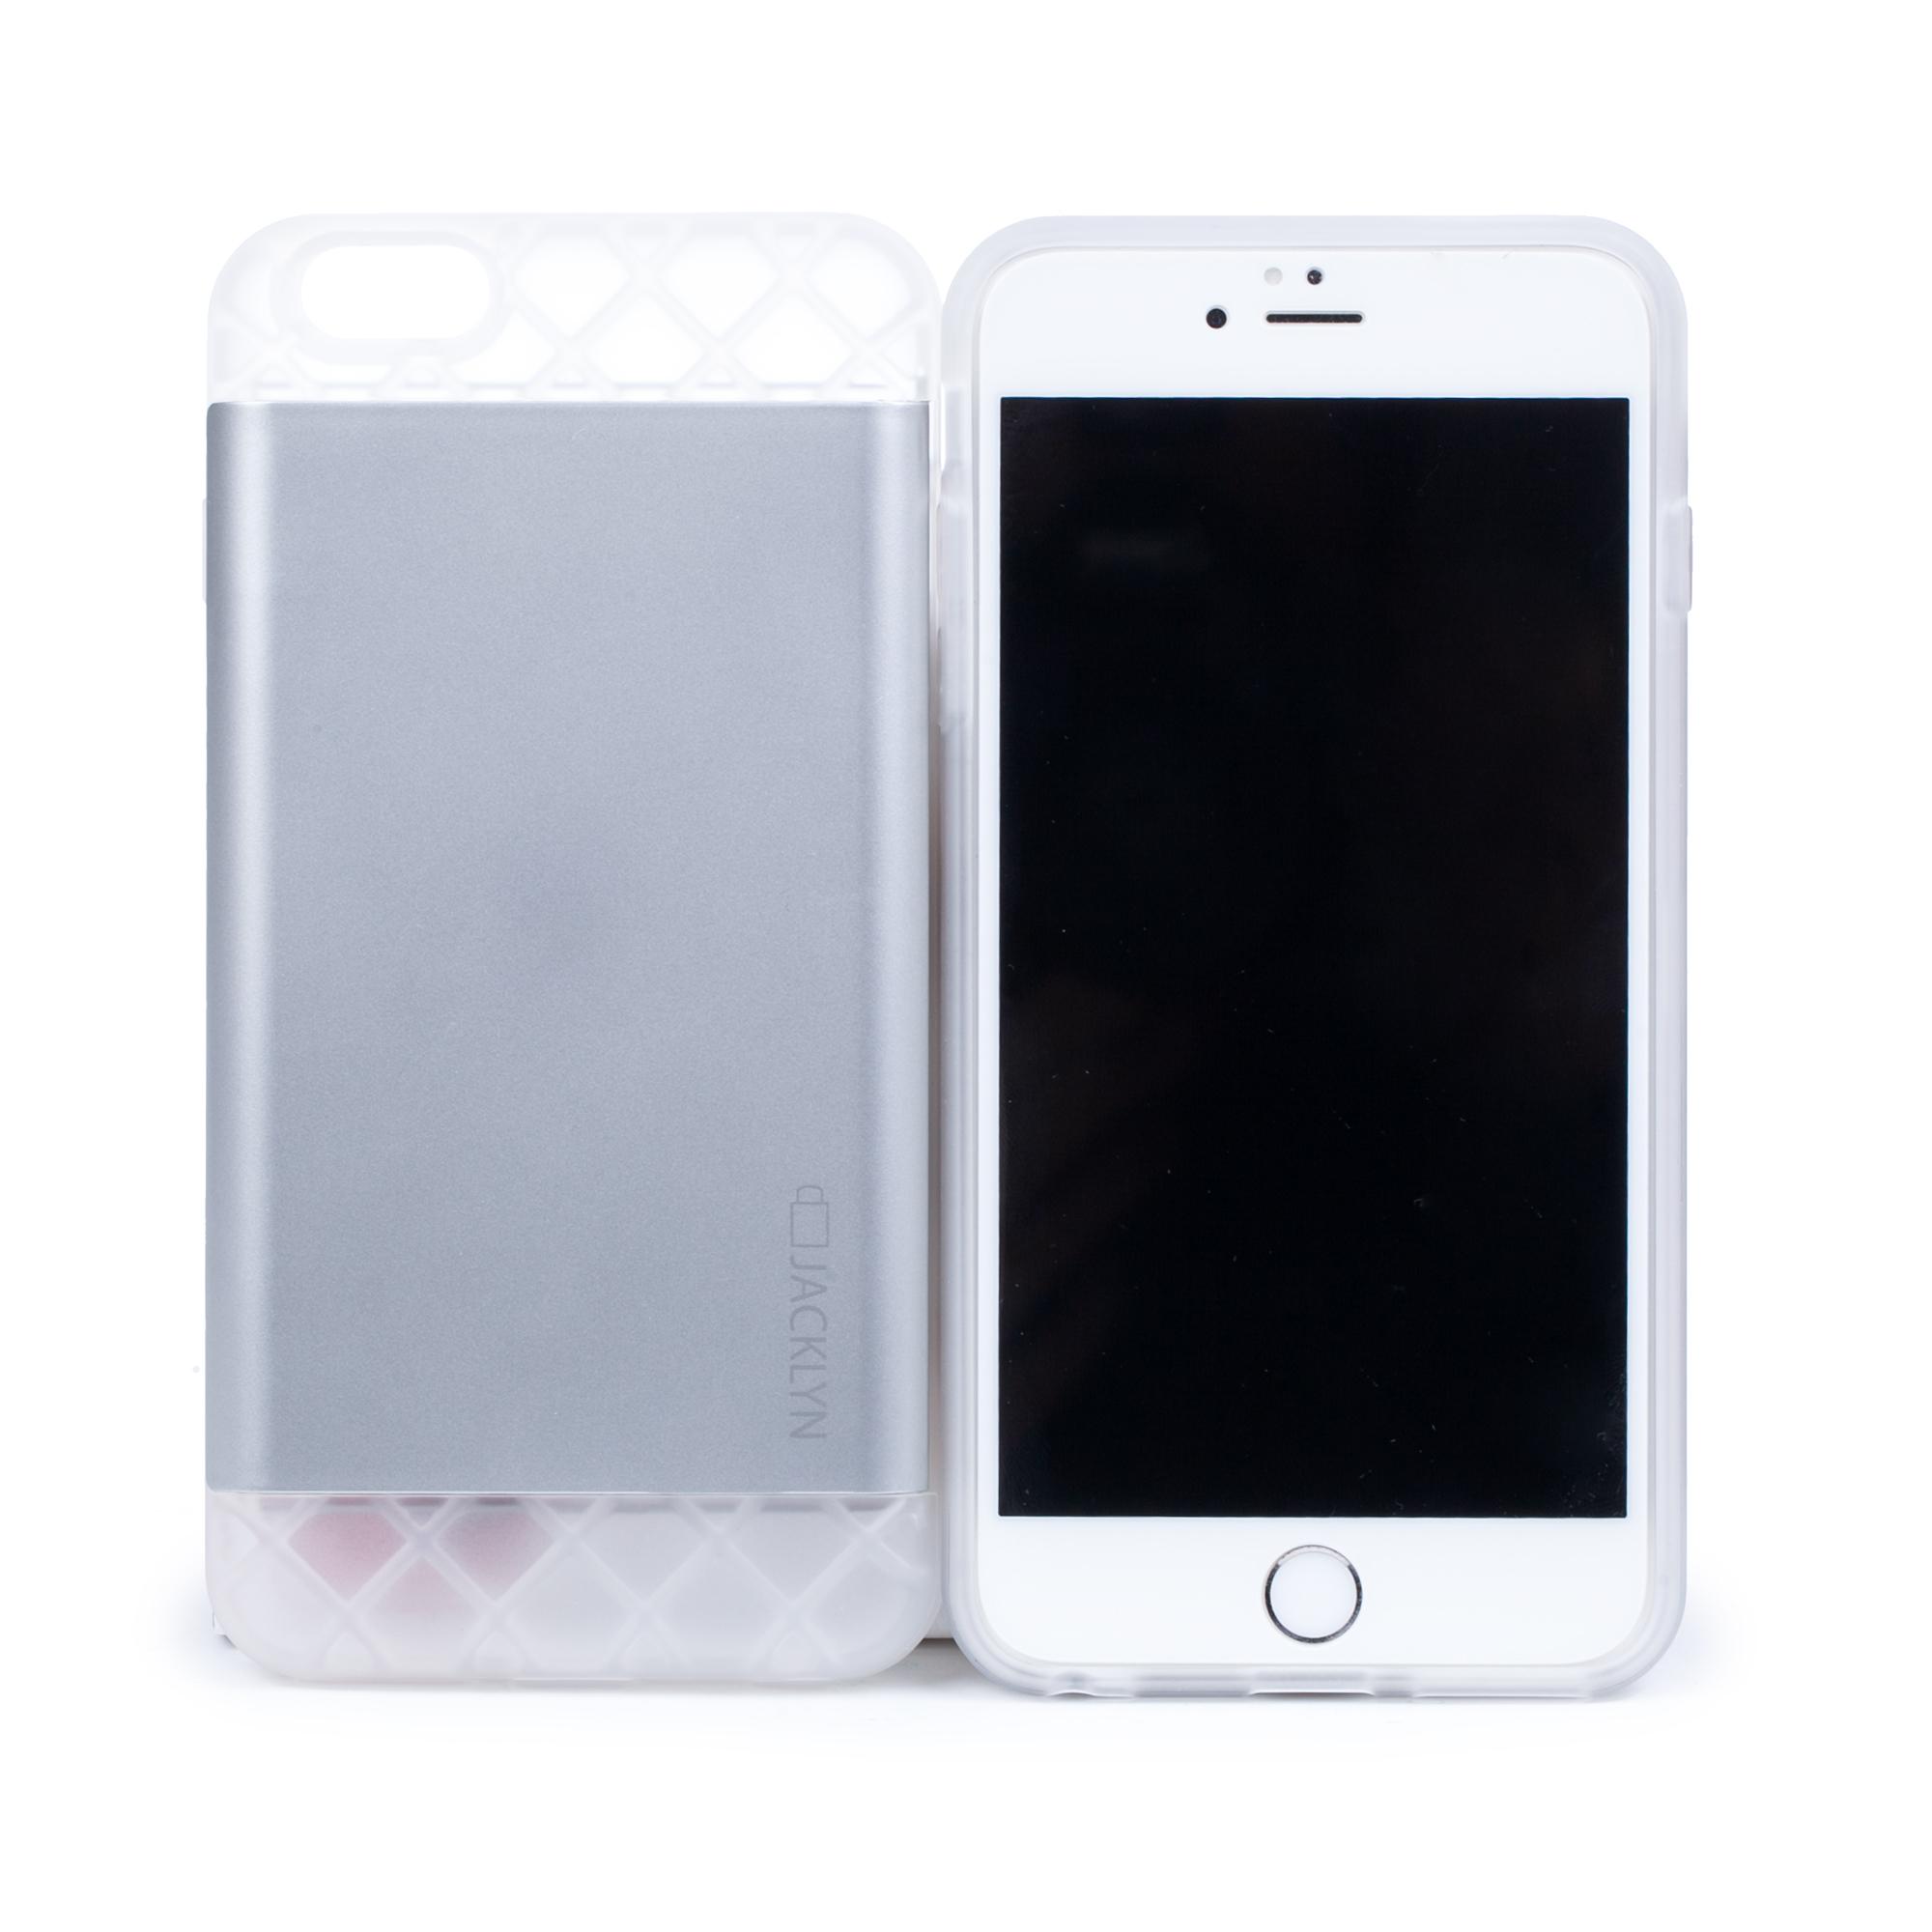 韩国原产JACKLYN苹果6plus手机壳apple手机套 防水耐高温 哑光银色